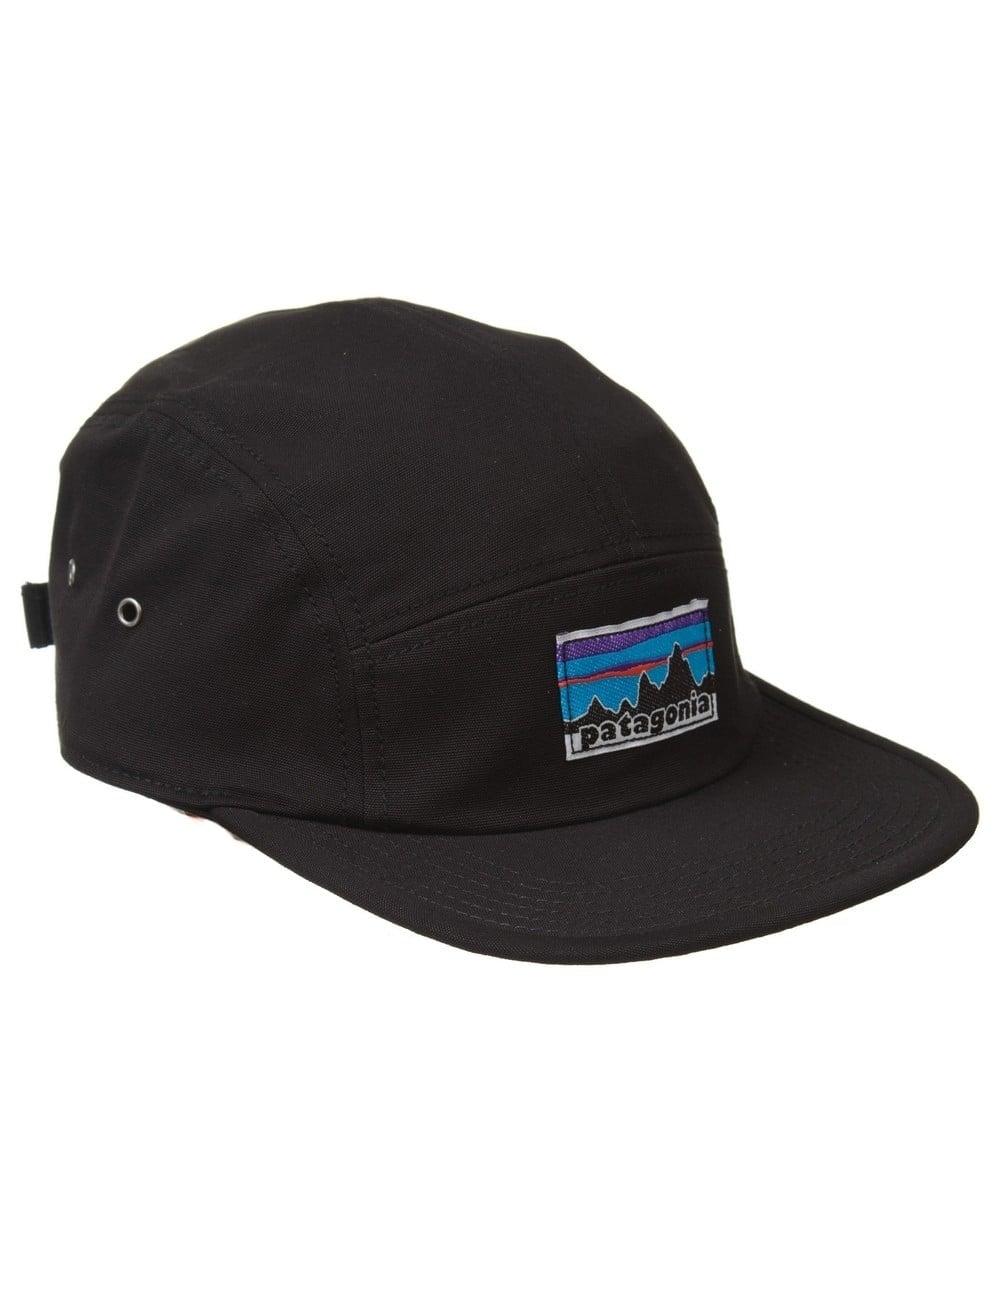 2bd6449e82a3e Patagonia Retro Fitz Roy Label Tradesmith Cap - Black - Accessories ...